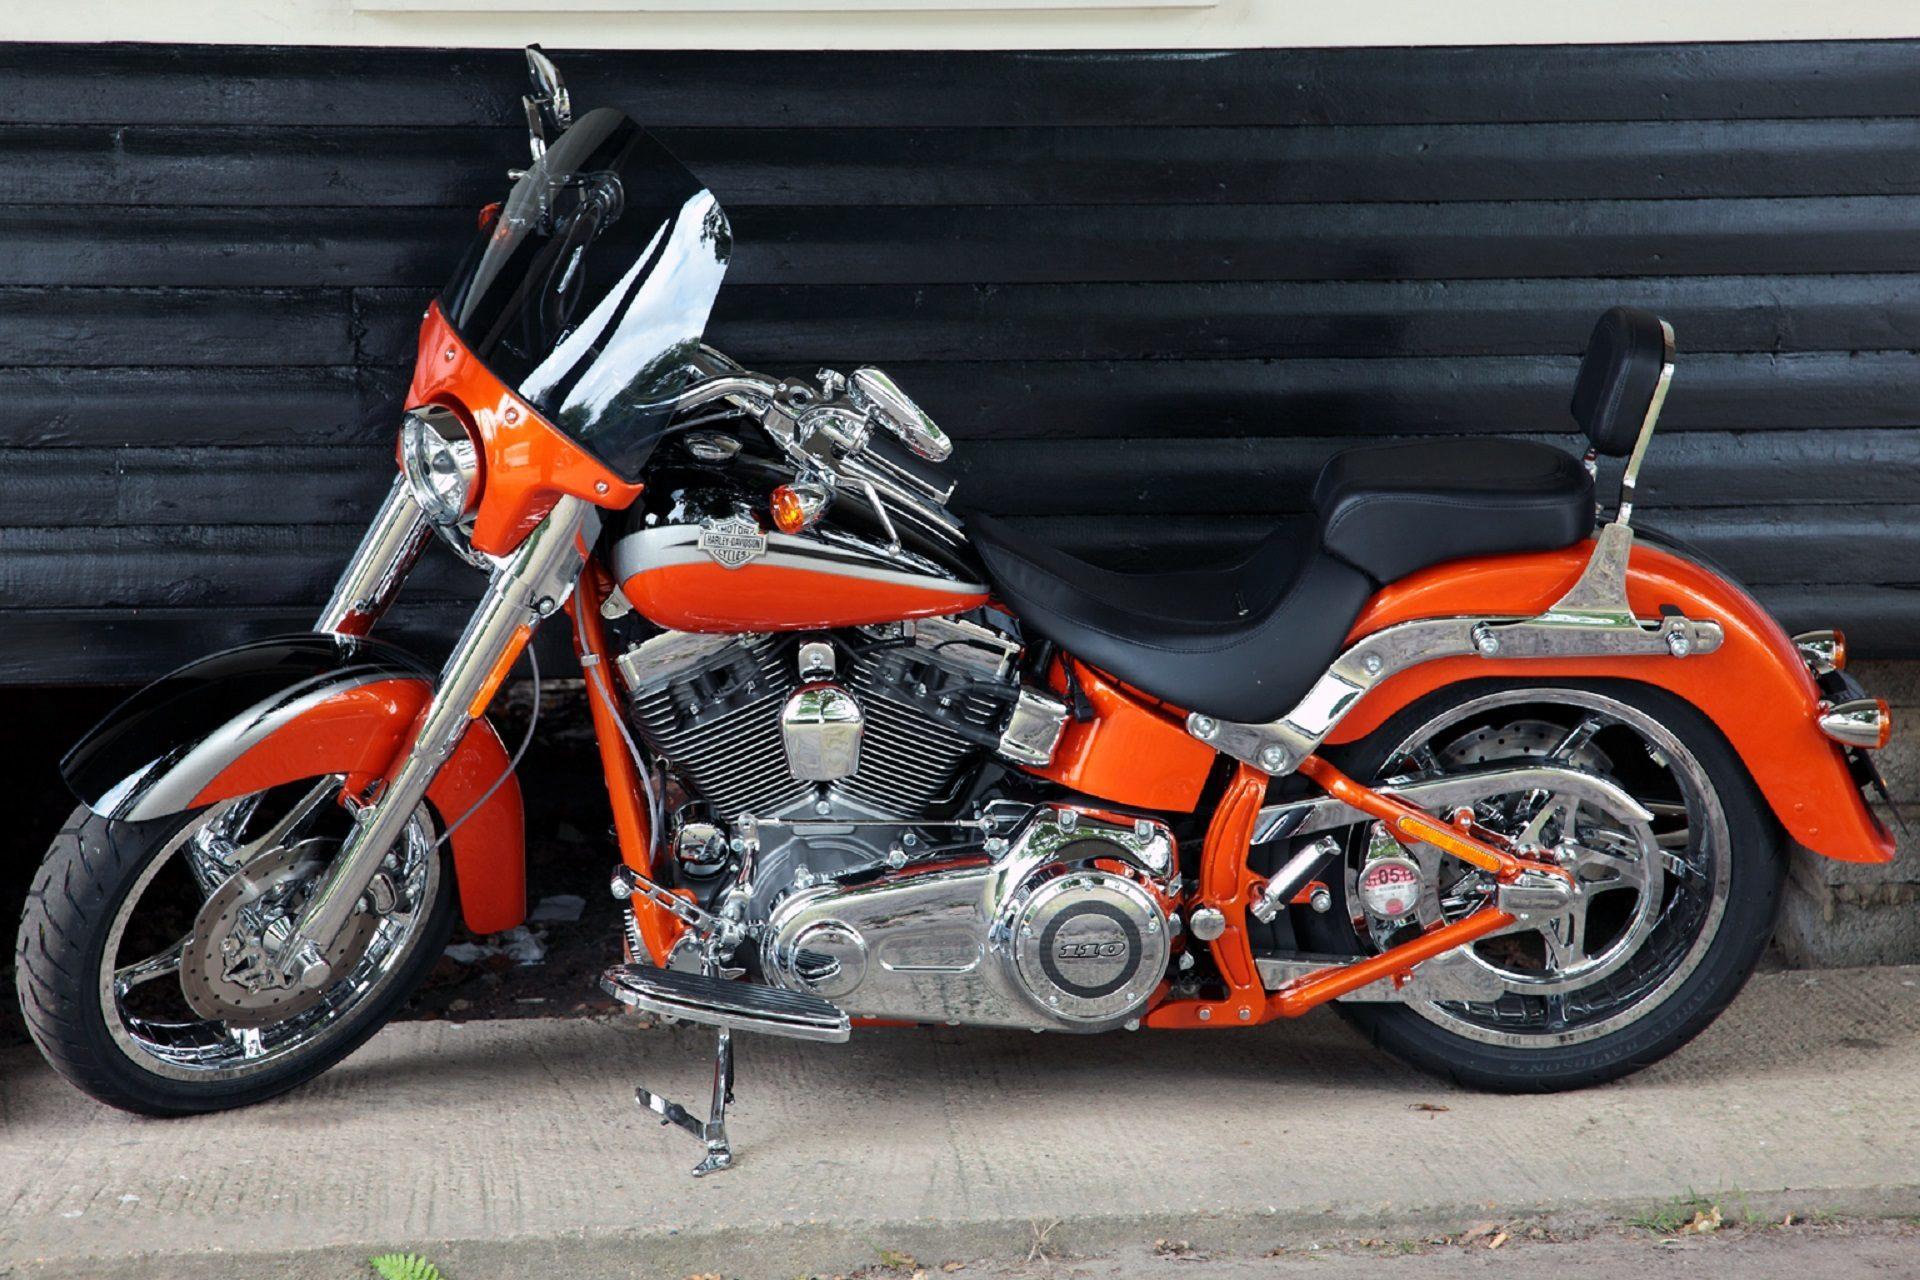 Moto, στυλ, το πάθος, Harley davidson, μοτοσικλέτα - Wallpapers HD - Professor-falken.com